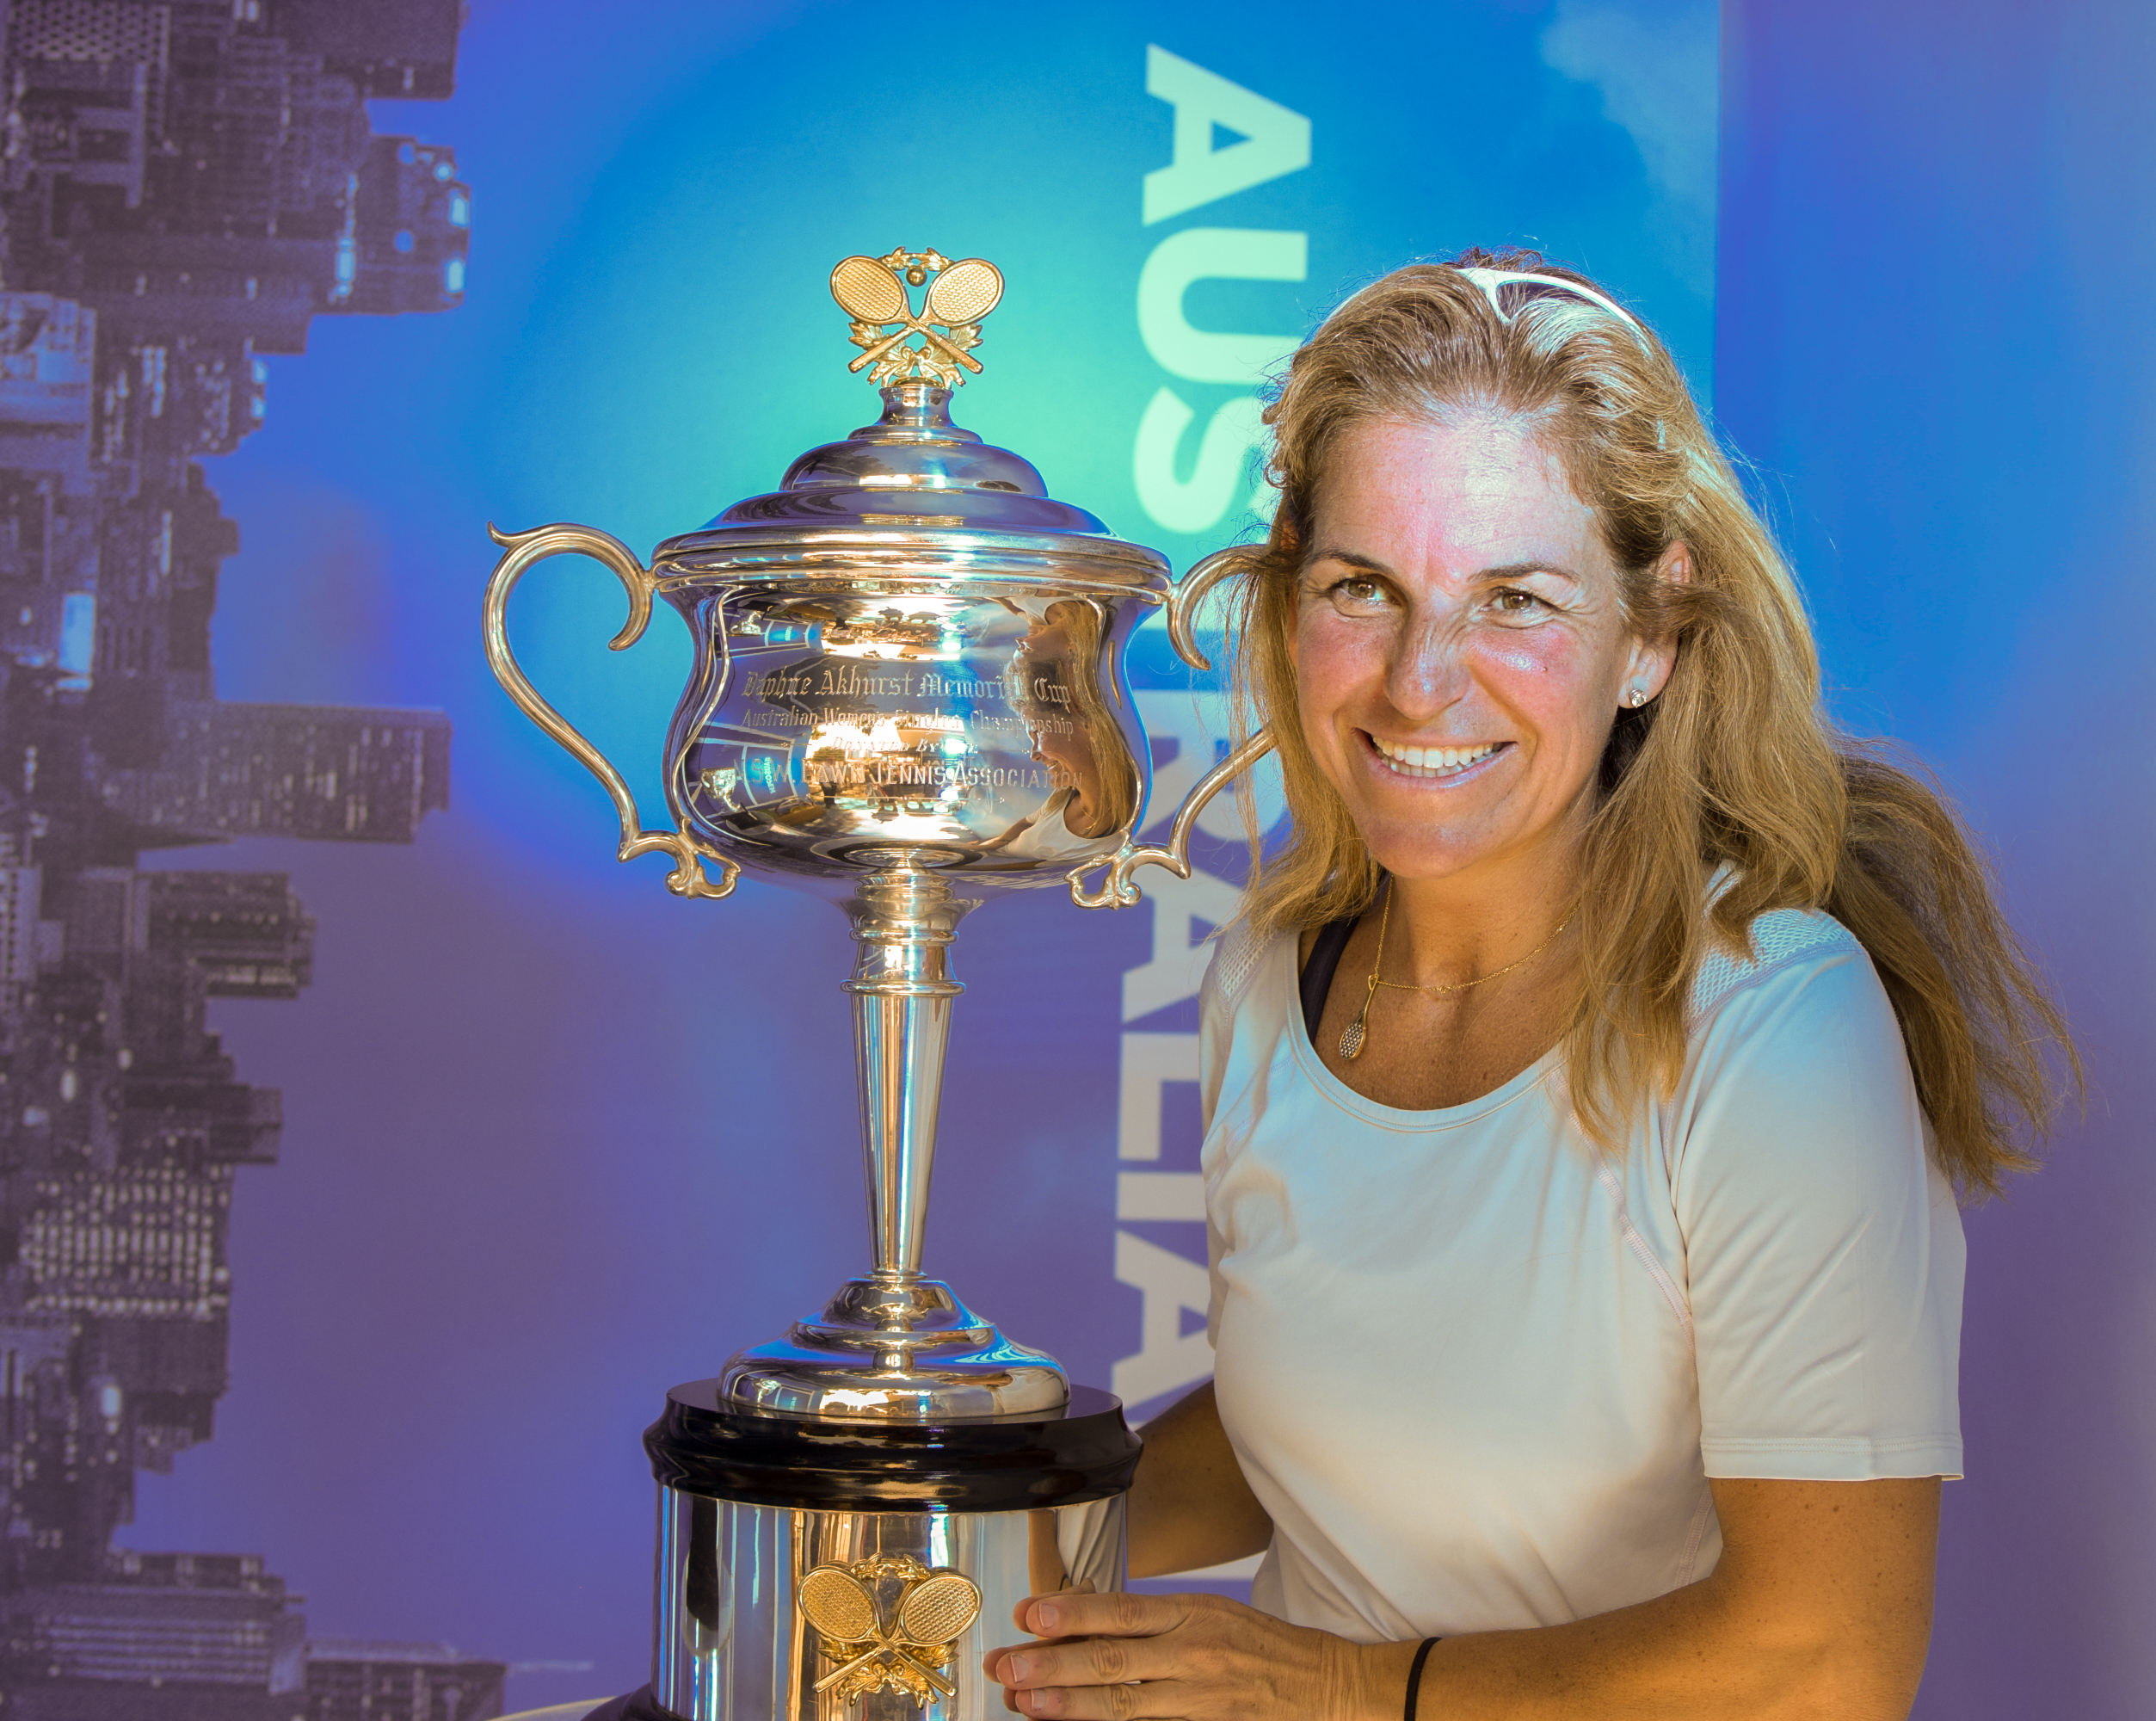 File Arantxa Sánchez Vicario Australian Open 2016 Wikimedia